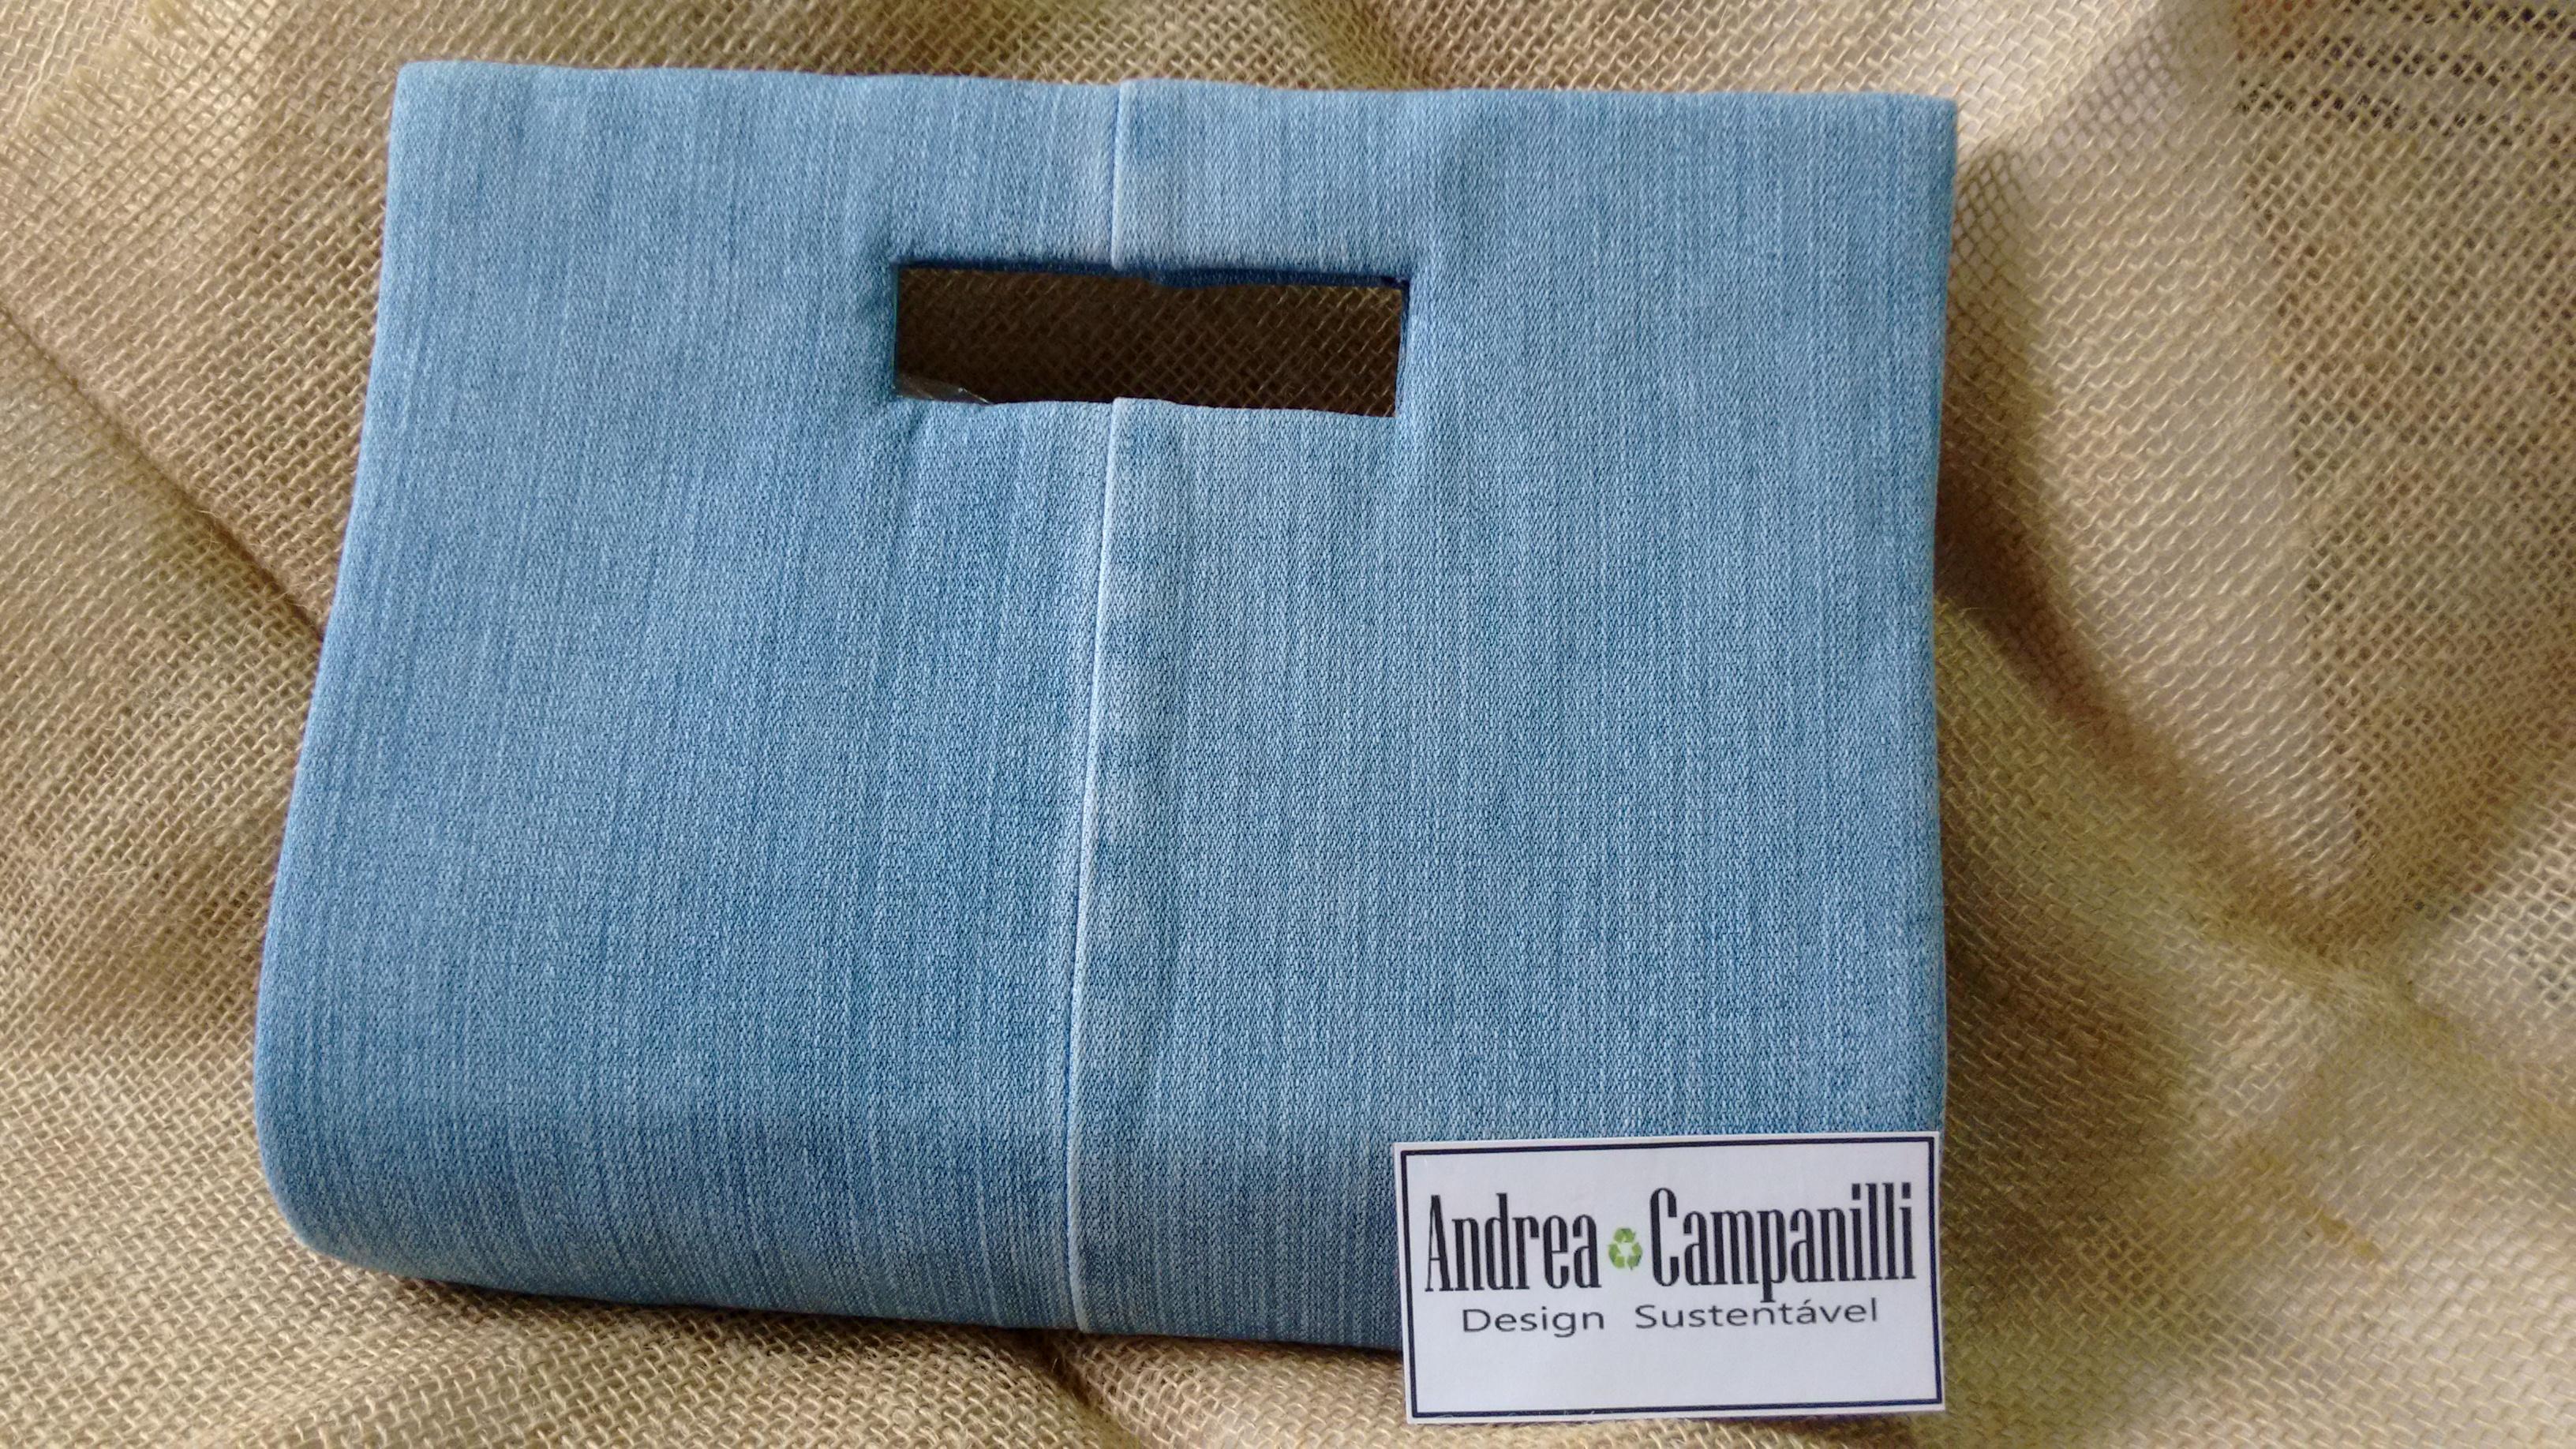 Bolsa De Festa De Caixa De Leite Passo A Passo : Bolsa eco jeans andrea campanilli design elo